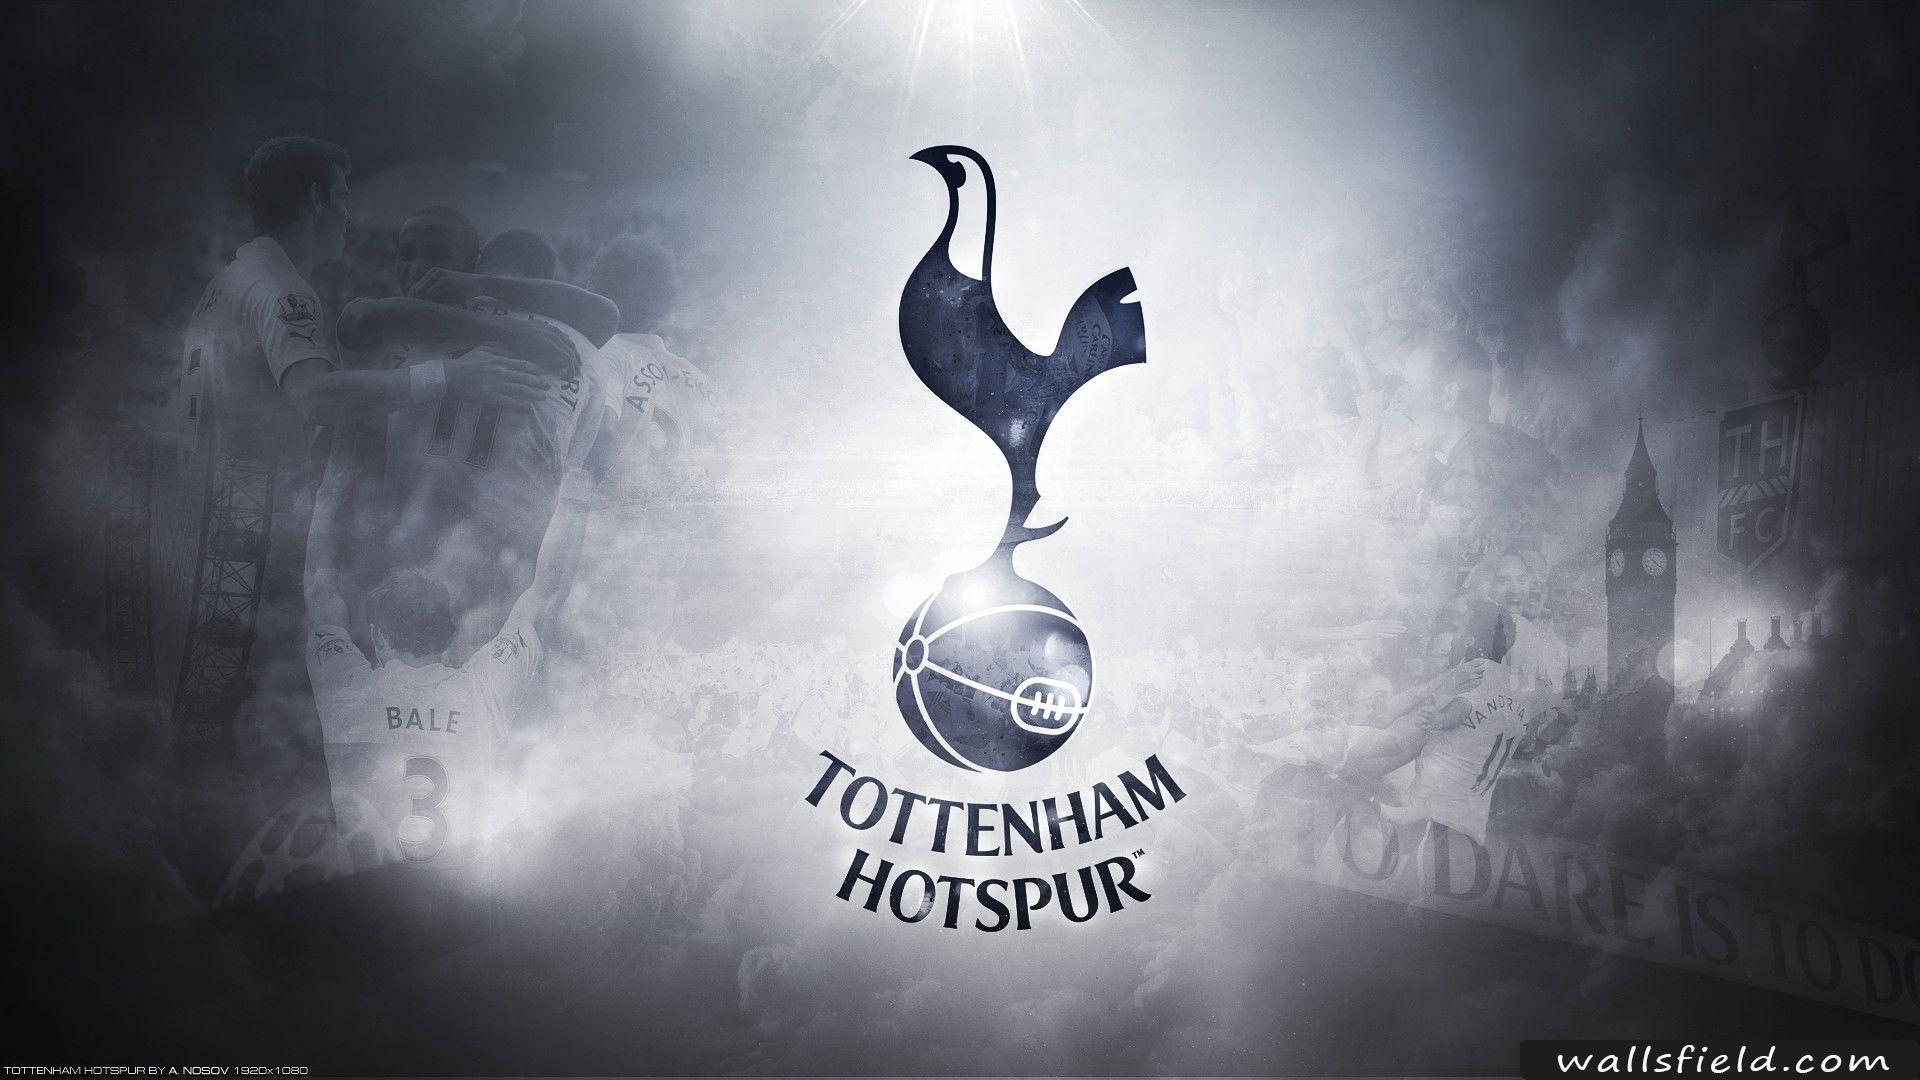 Tottenham Hotspur footy Tottenham hotspur wallpaper Tottenham 1920x1080